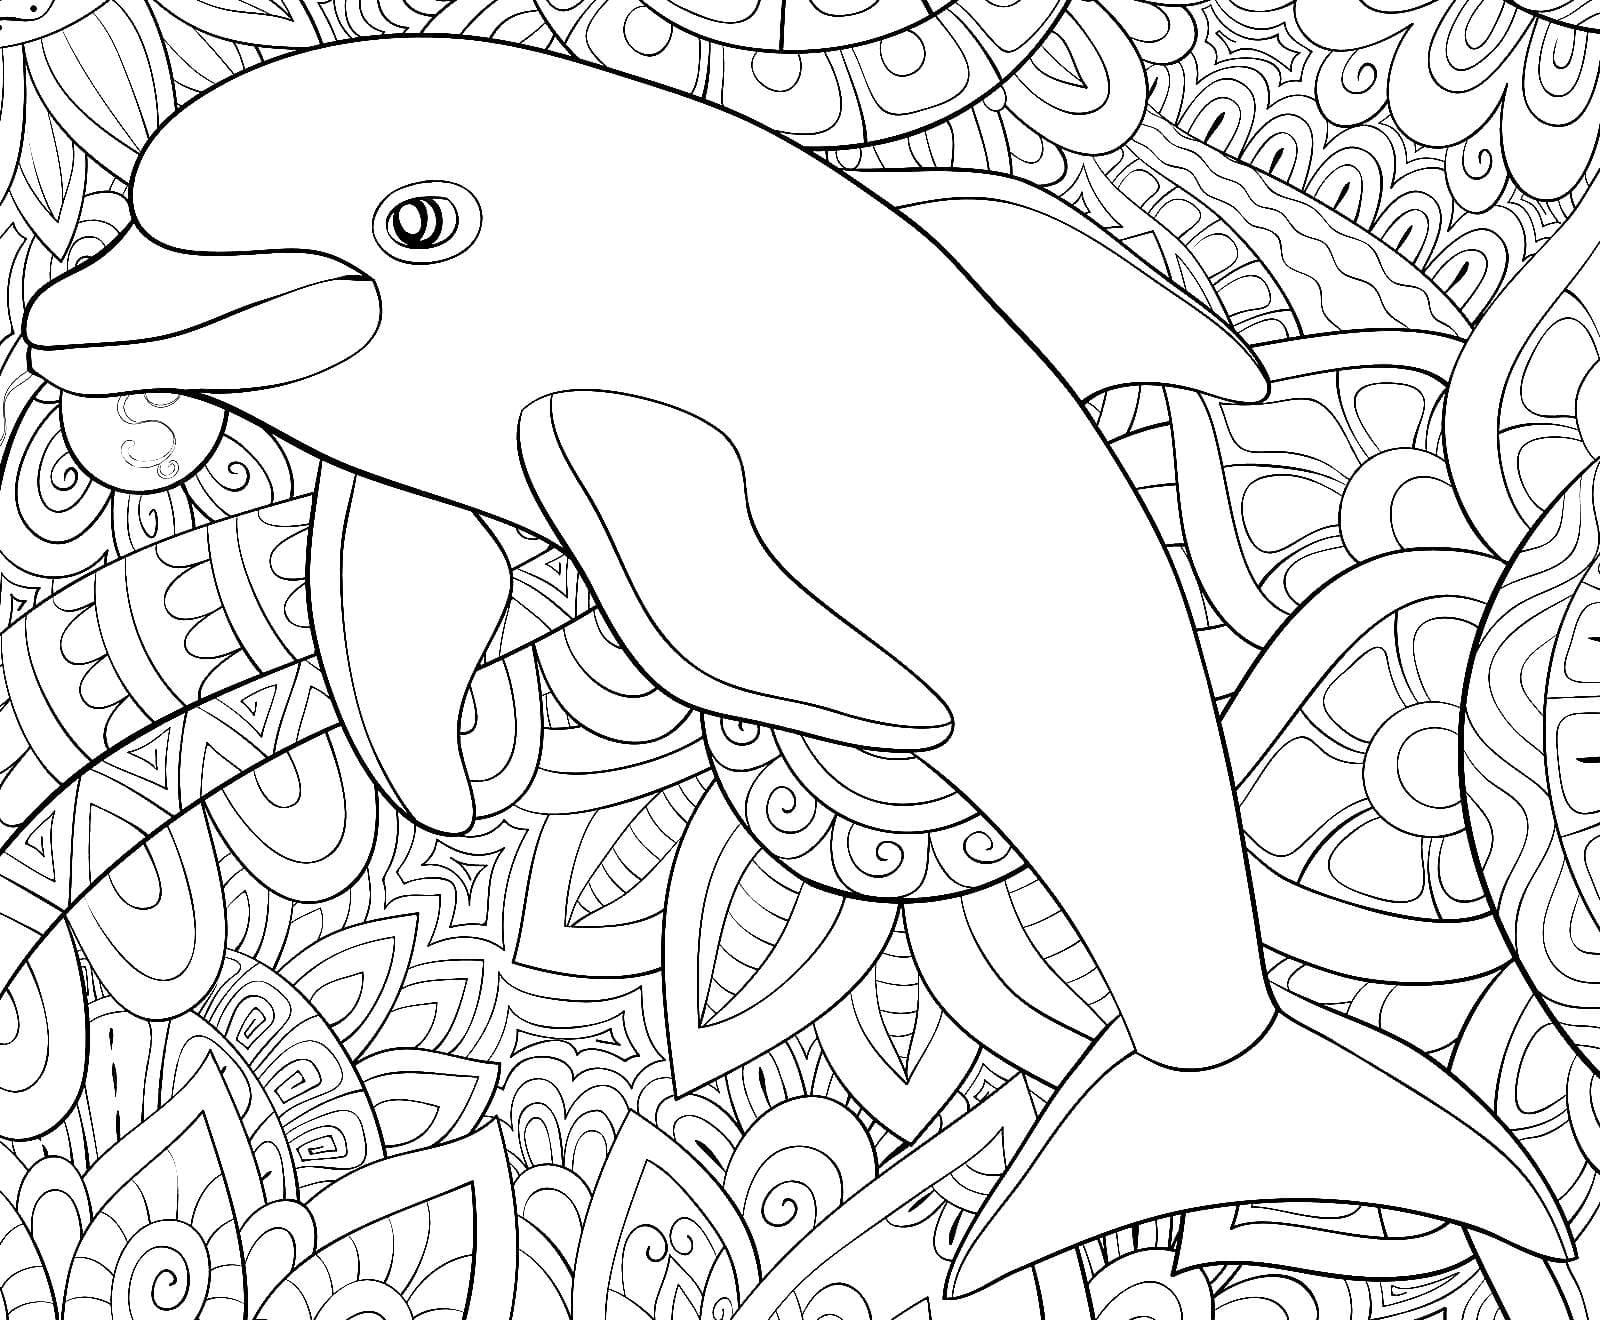 ausmalbilder delphin zum ausdrucken  wonder day